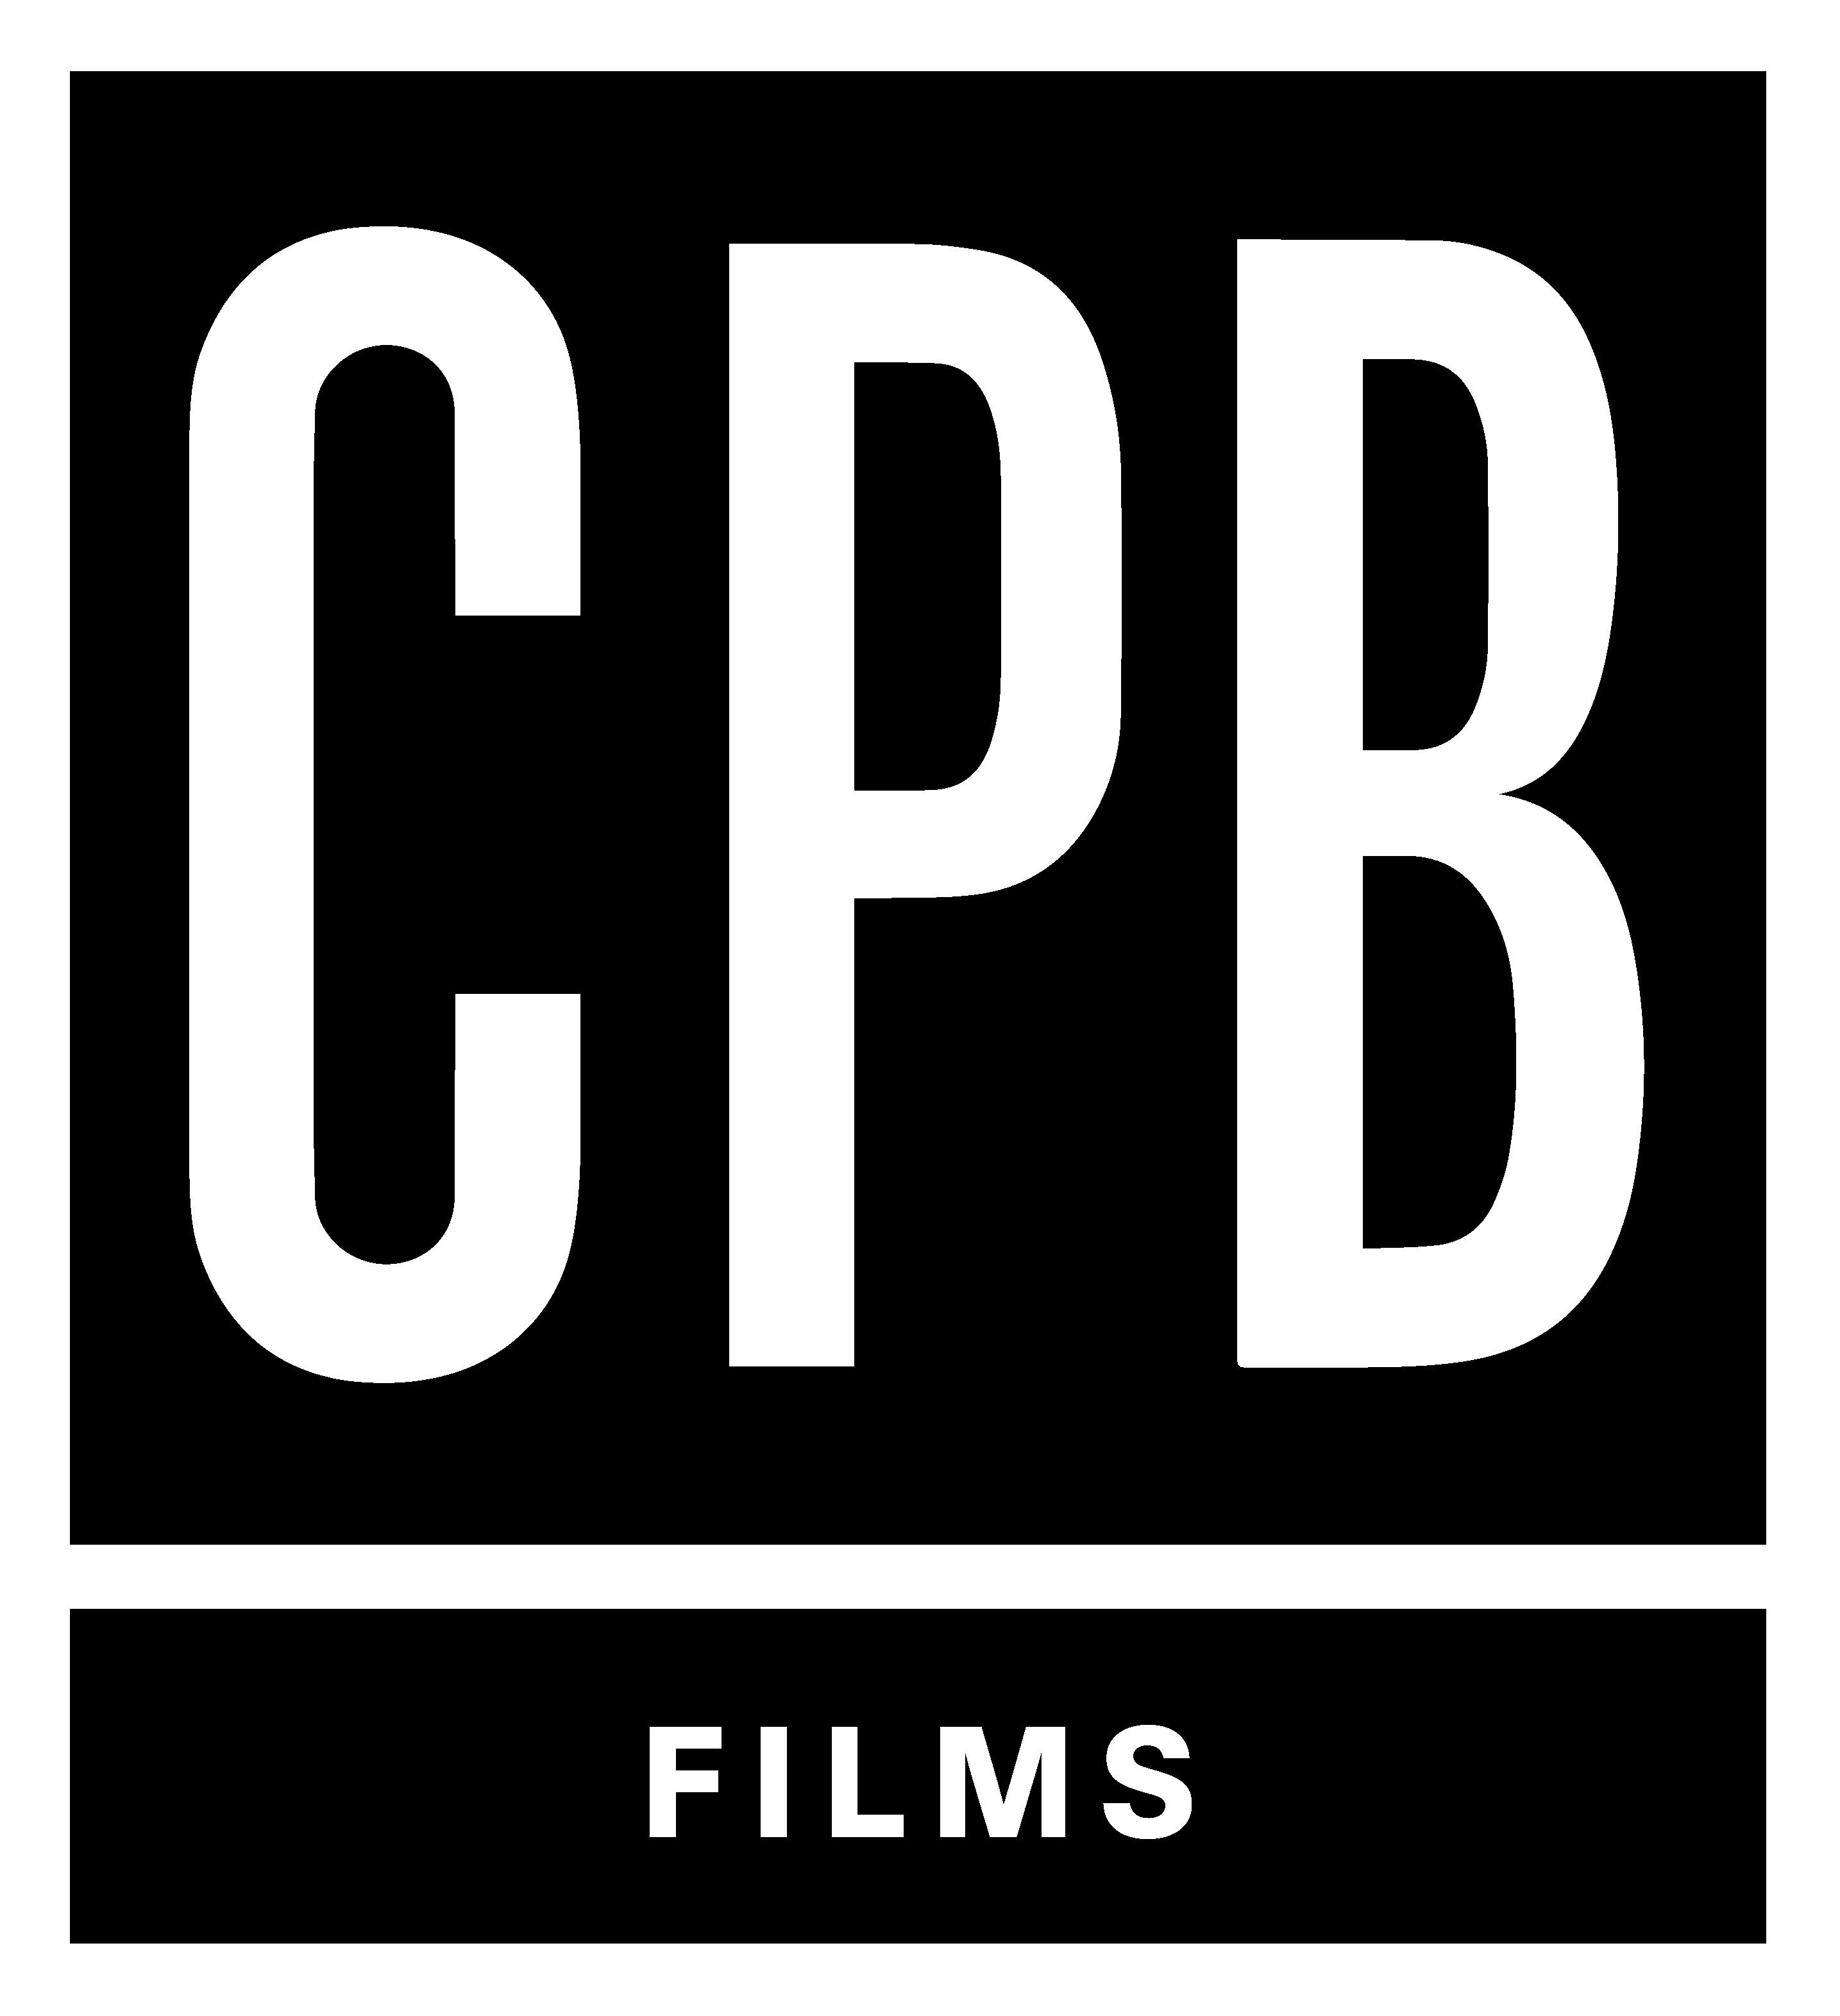 CLPB MEDIA